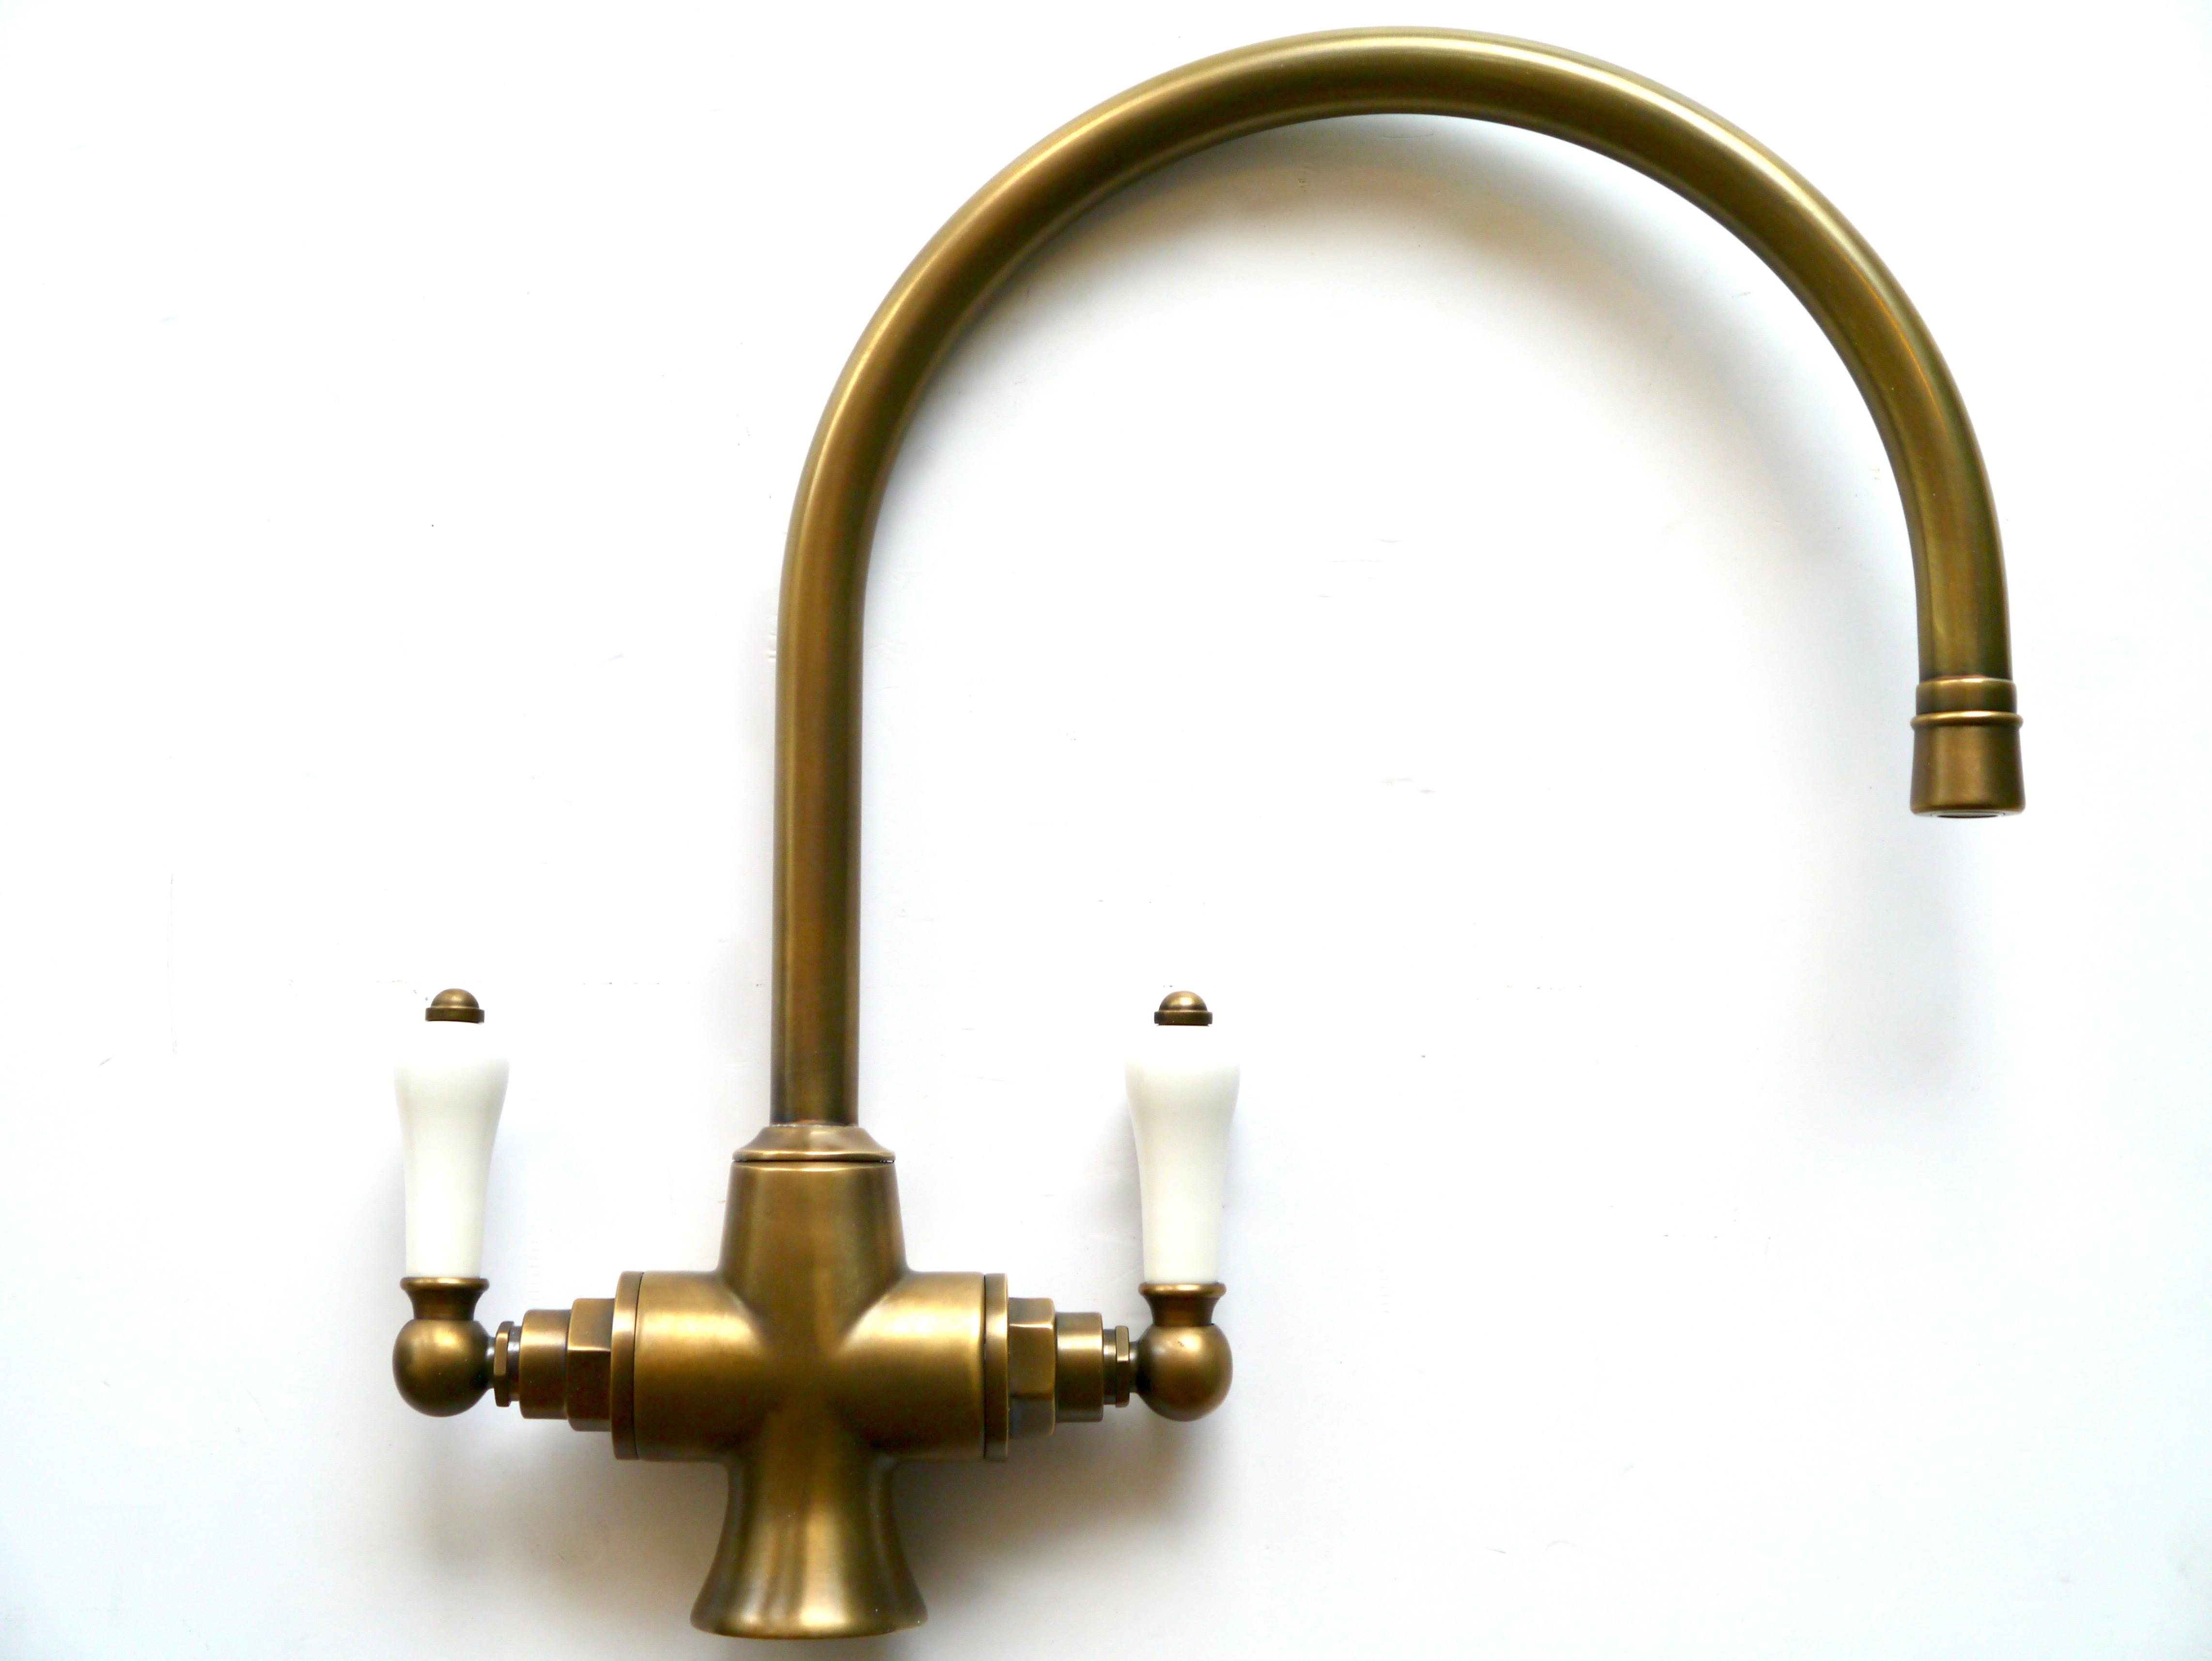 weathered brass kitchen mono mixer industrial design bathroom